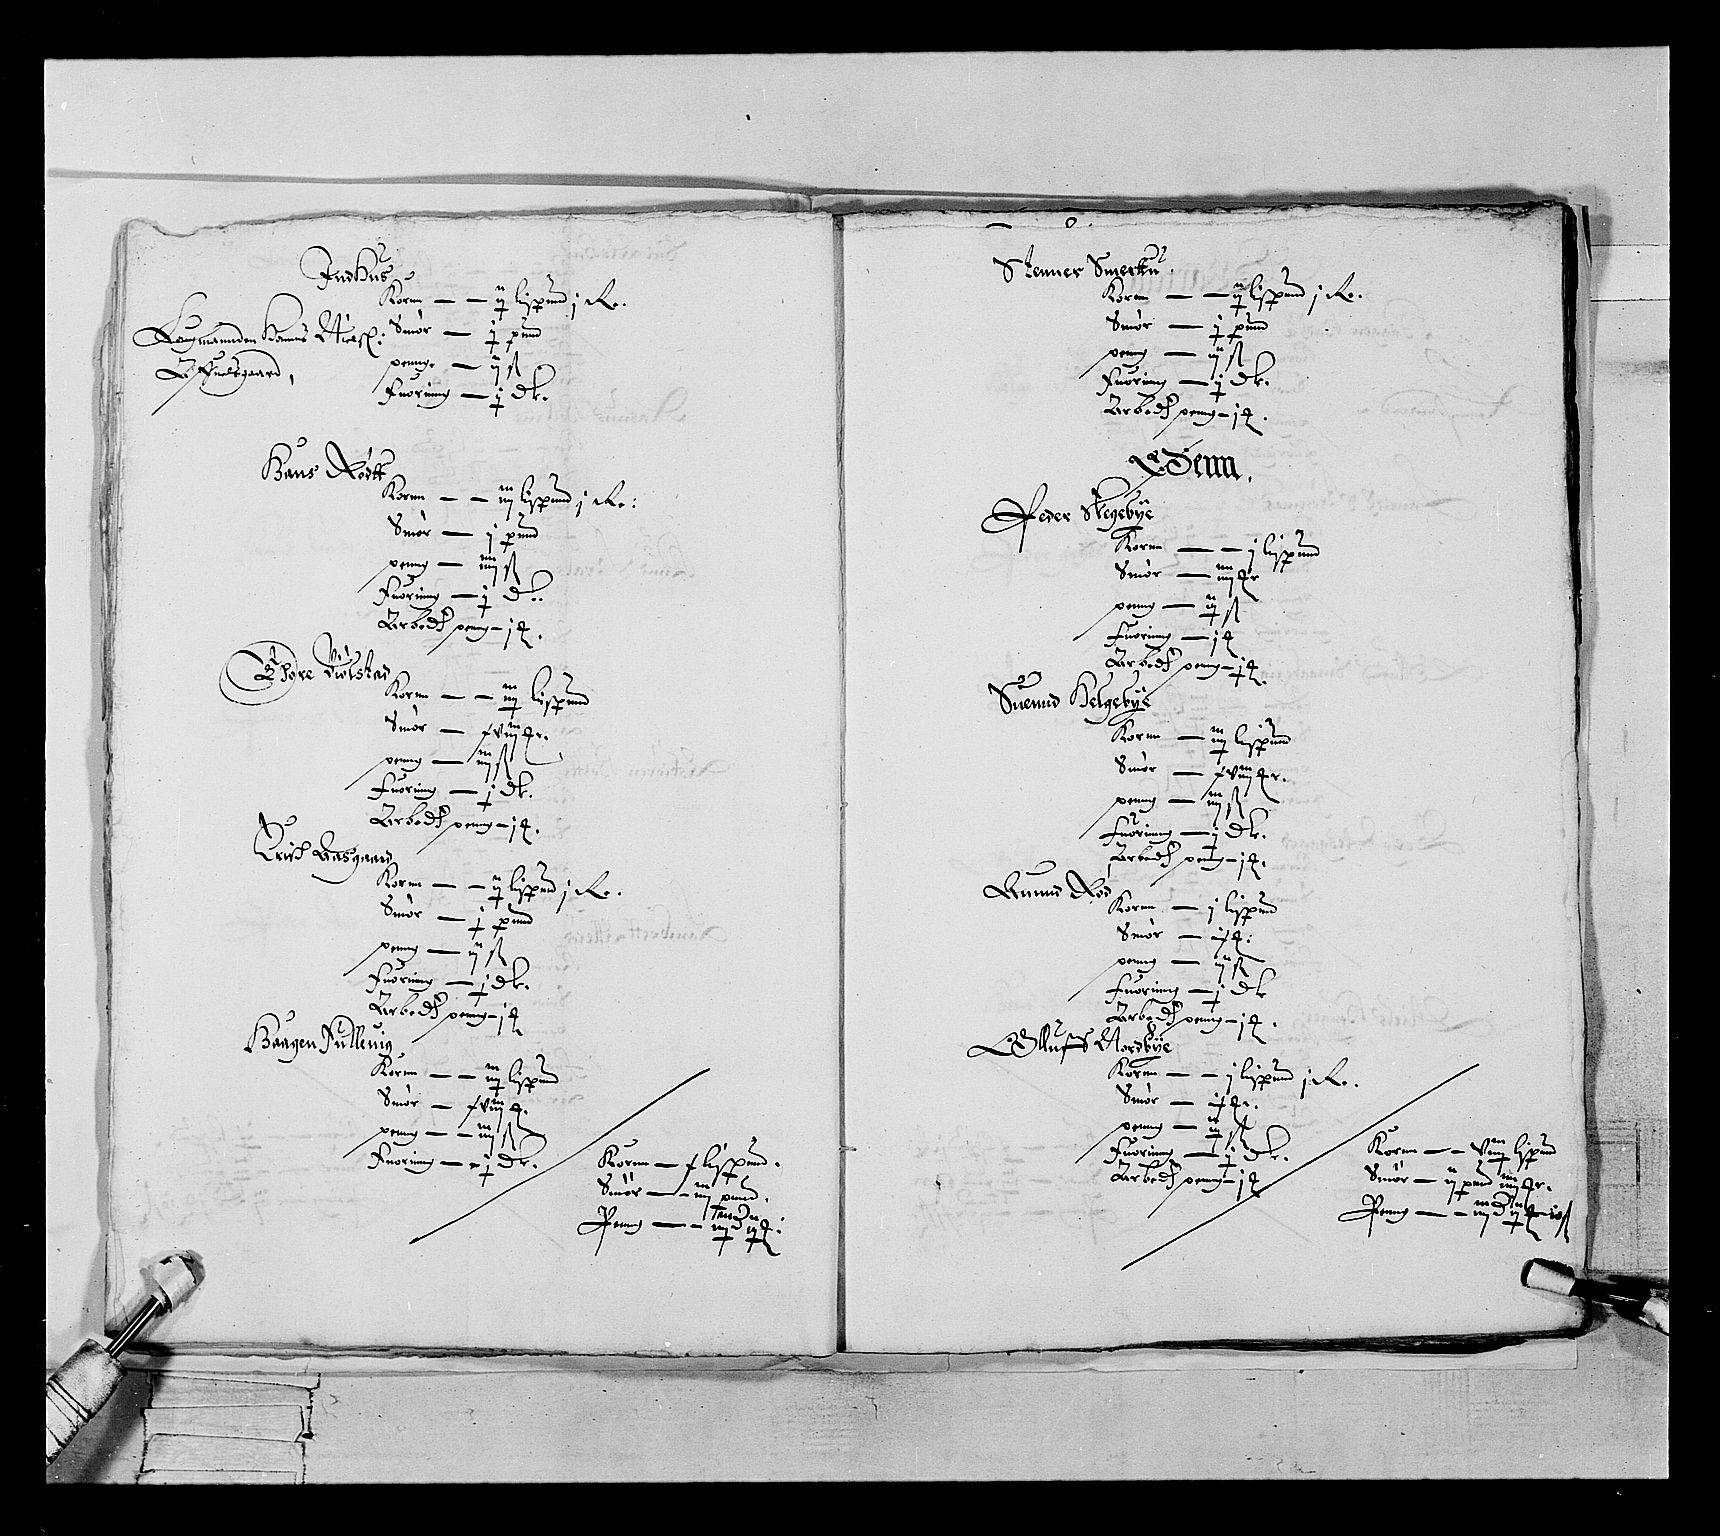 RA, Stattholderembetet 1572-1771, Ek/L0022: Jordebøker 1633-1658:, 1646-1647, s. 16